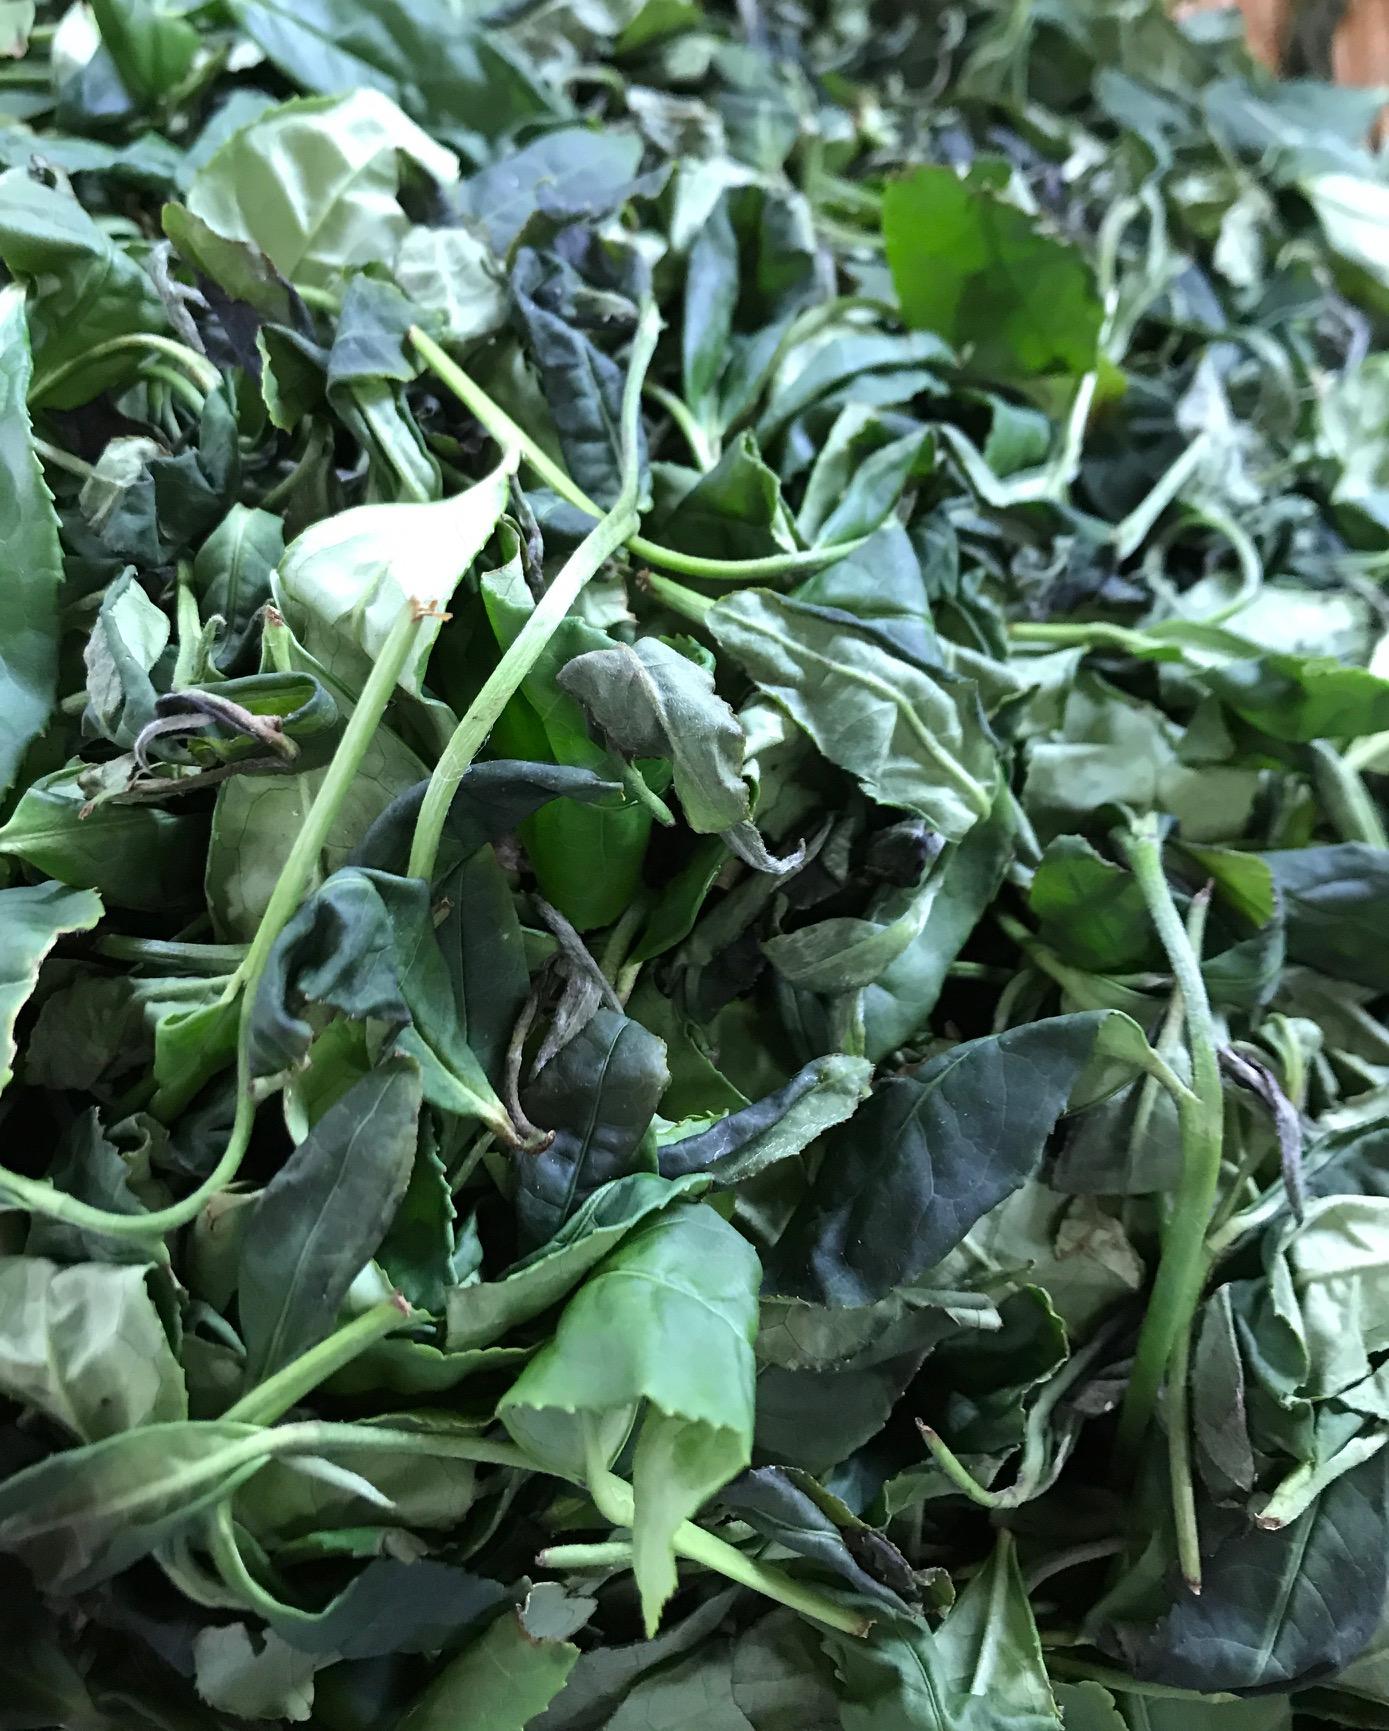 萎凋葉です。水分を一晩かけて40%ほど減らします。甘い香りがたってきます。